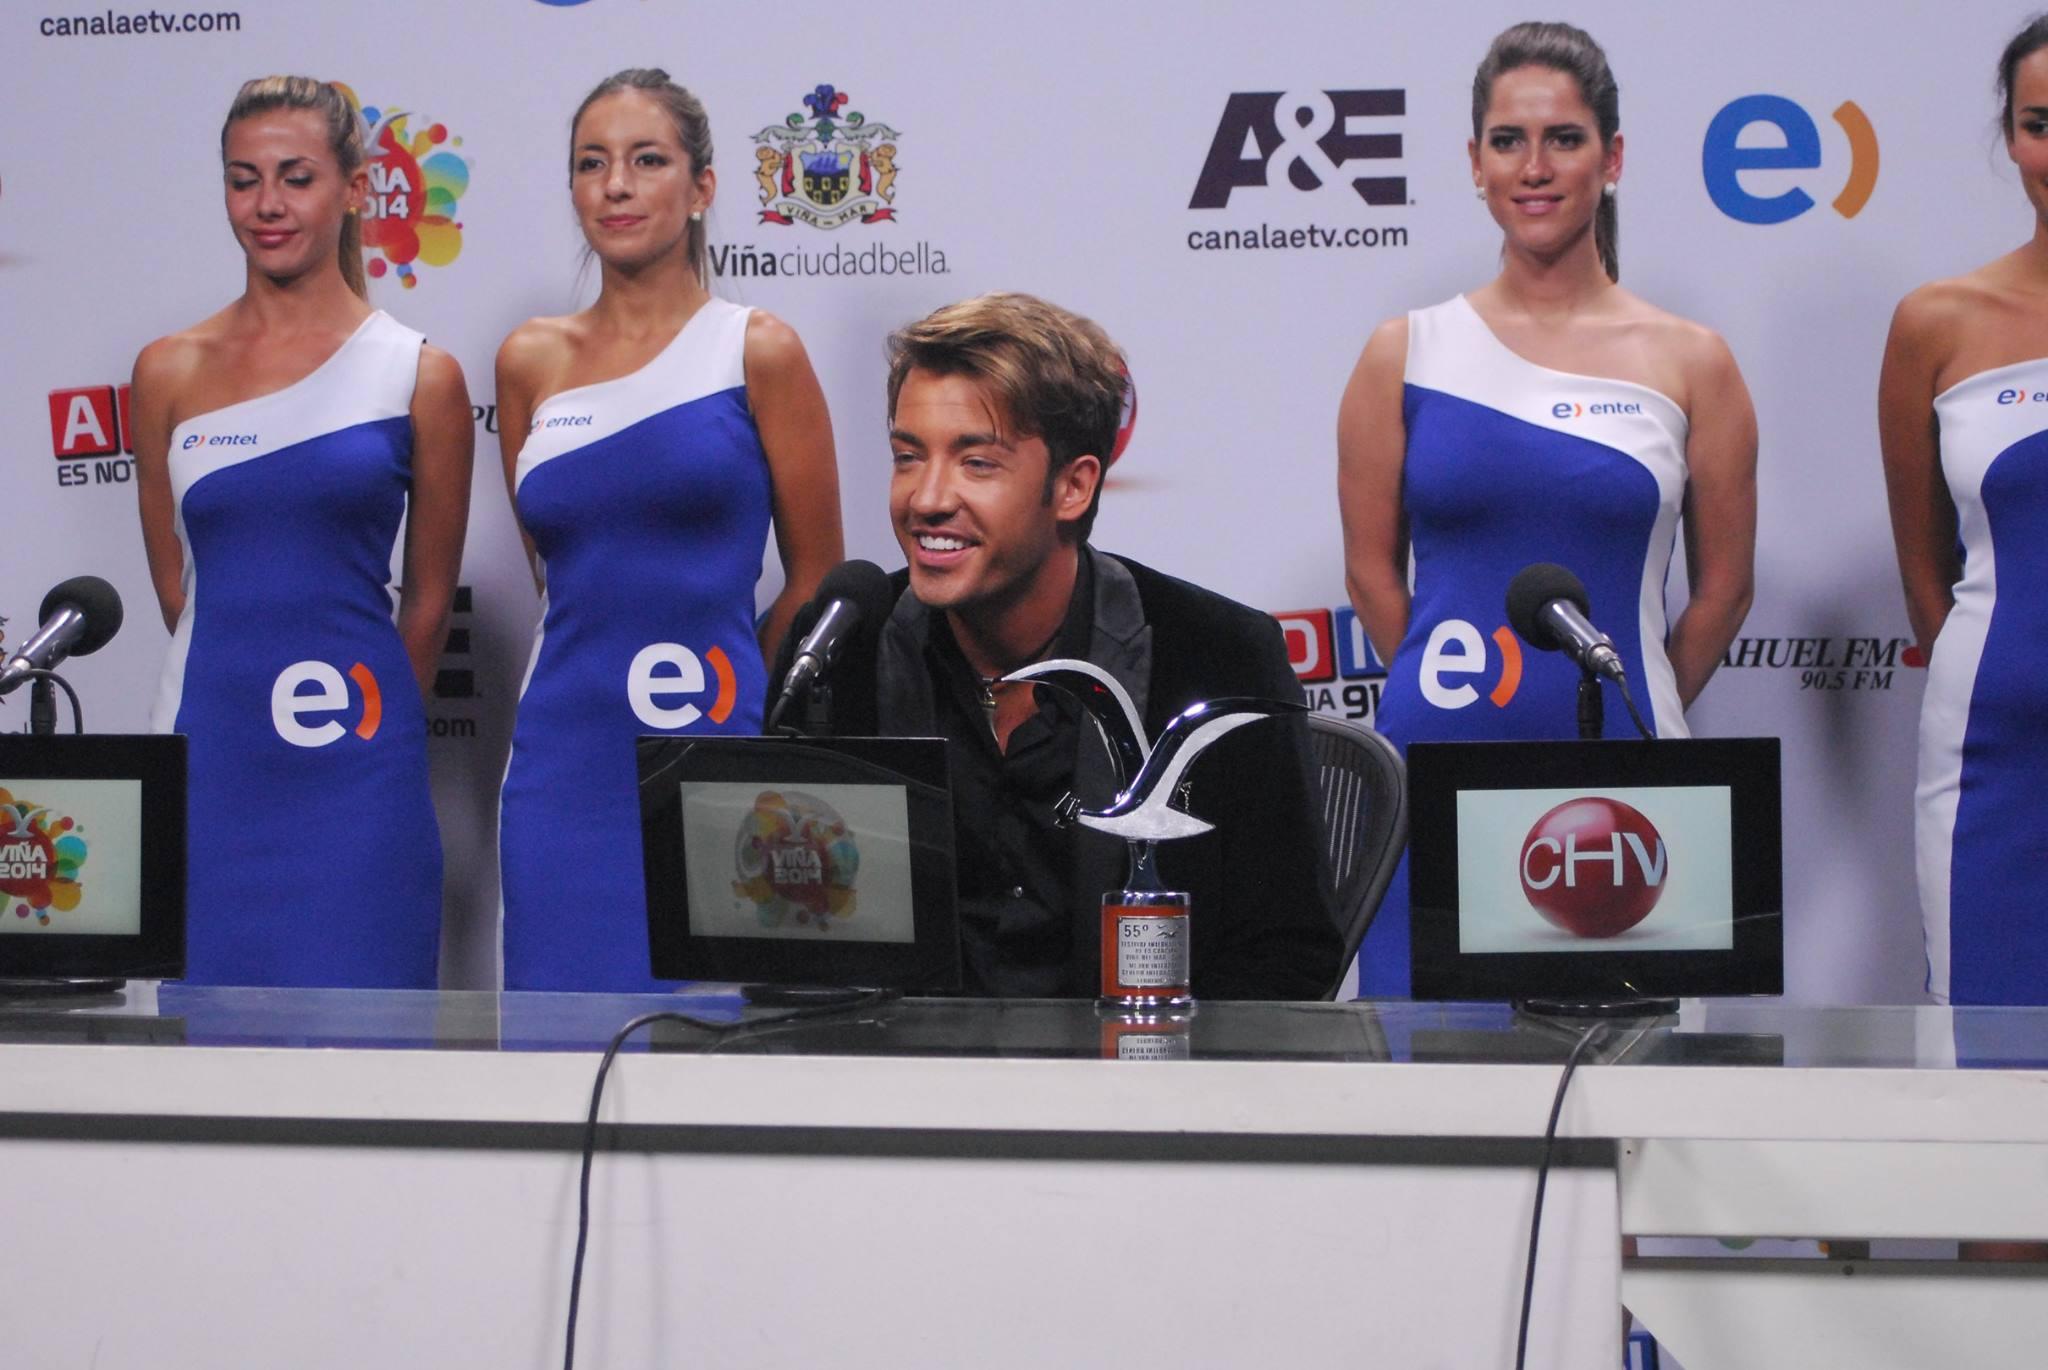 Arsenie a castigat trofeul pentru cel mai bun intrepret la festivalul de muzica din Chile foto: Facebook